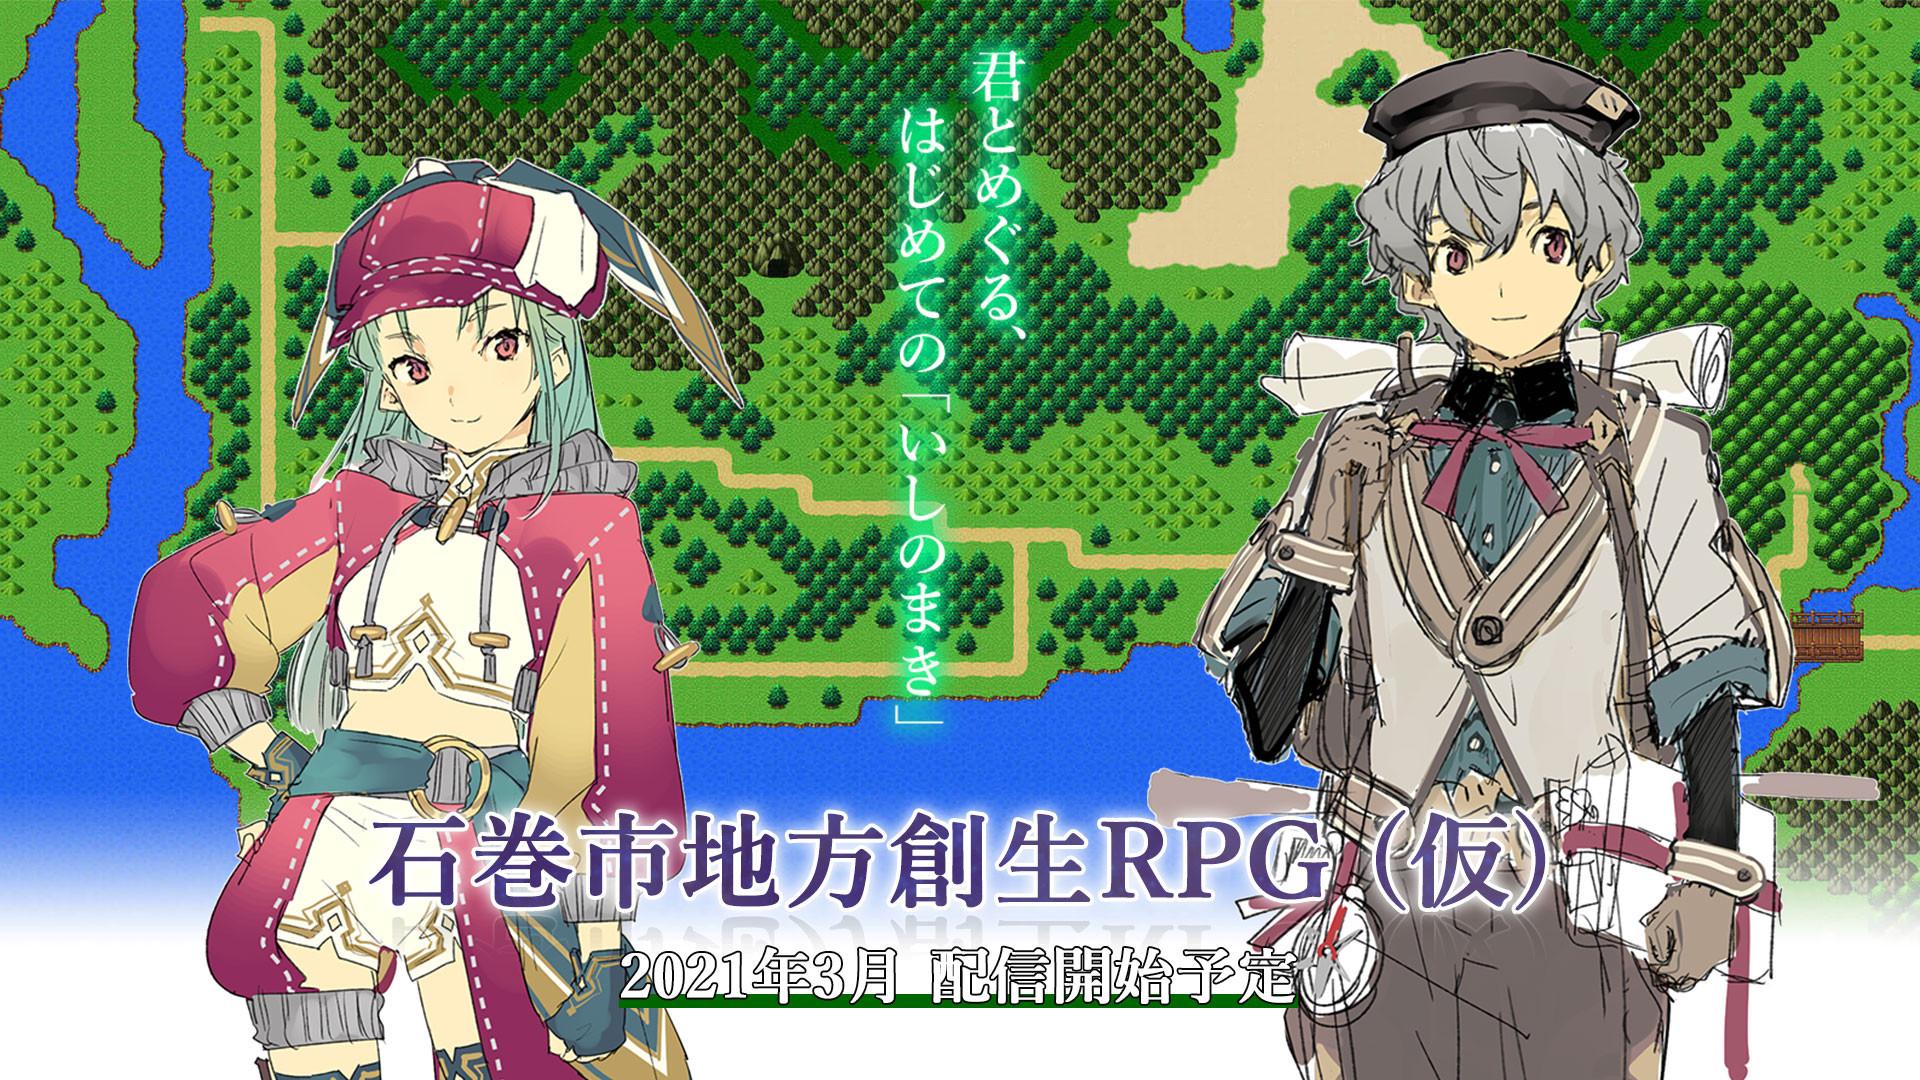 石巻市地方創生RPG